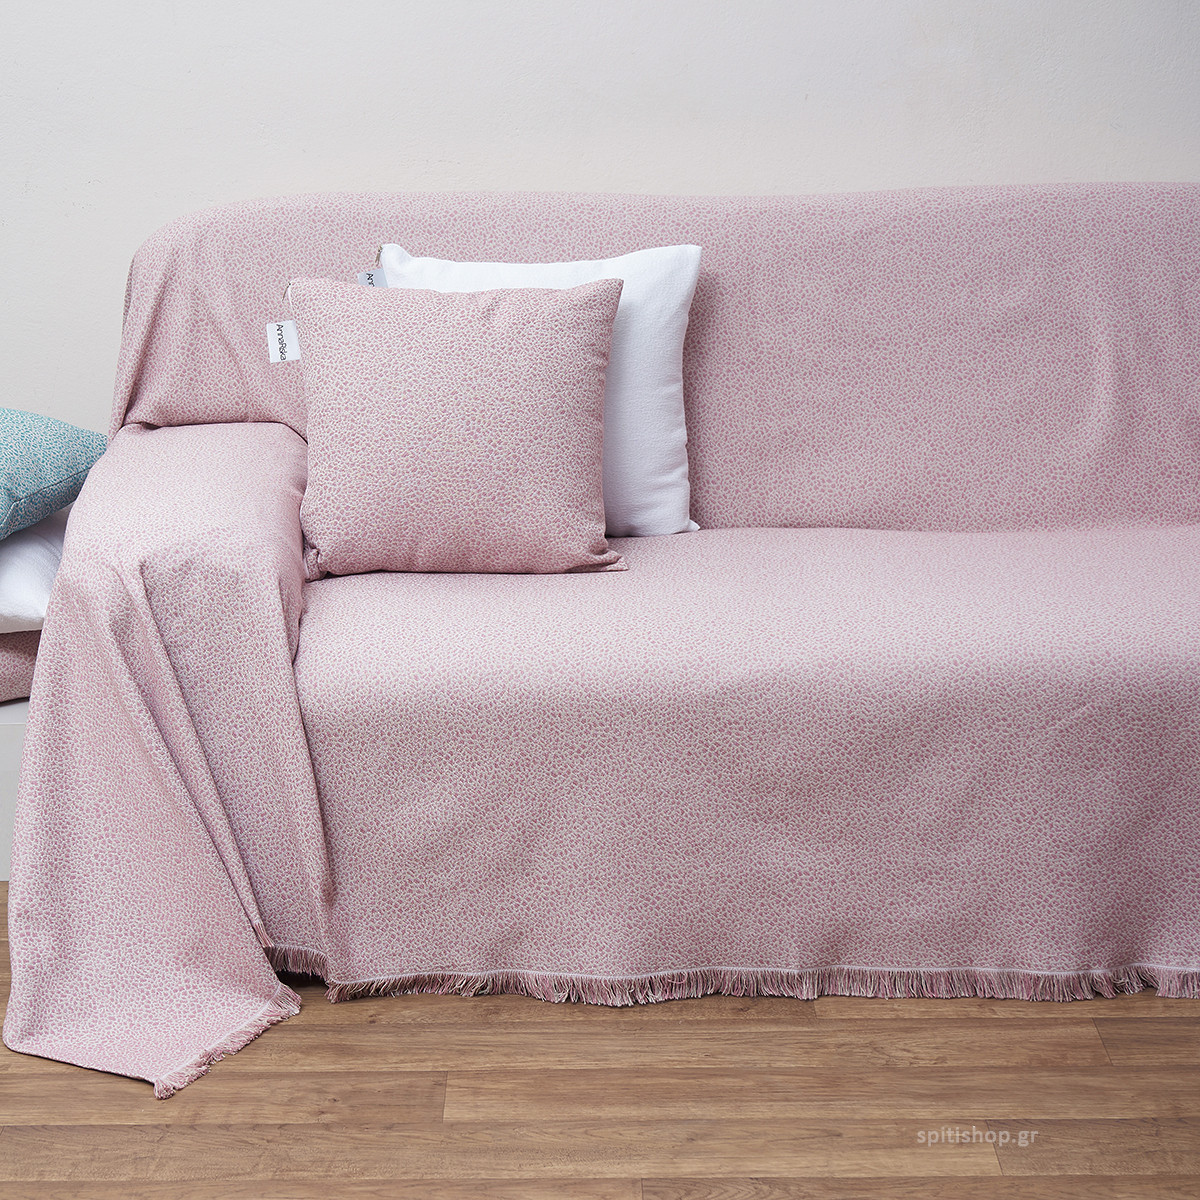 Ριχτάρι Τετραθέσιου (180×320) Anna Riska Des 1554 Blush Pink